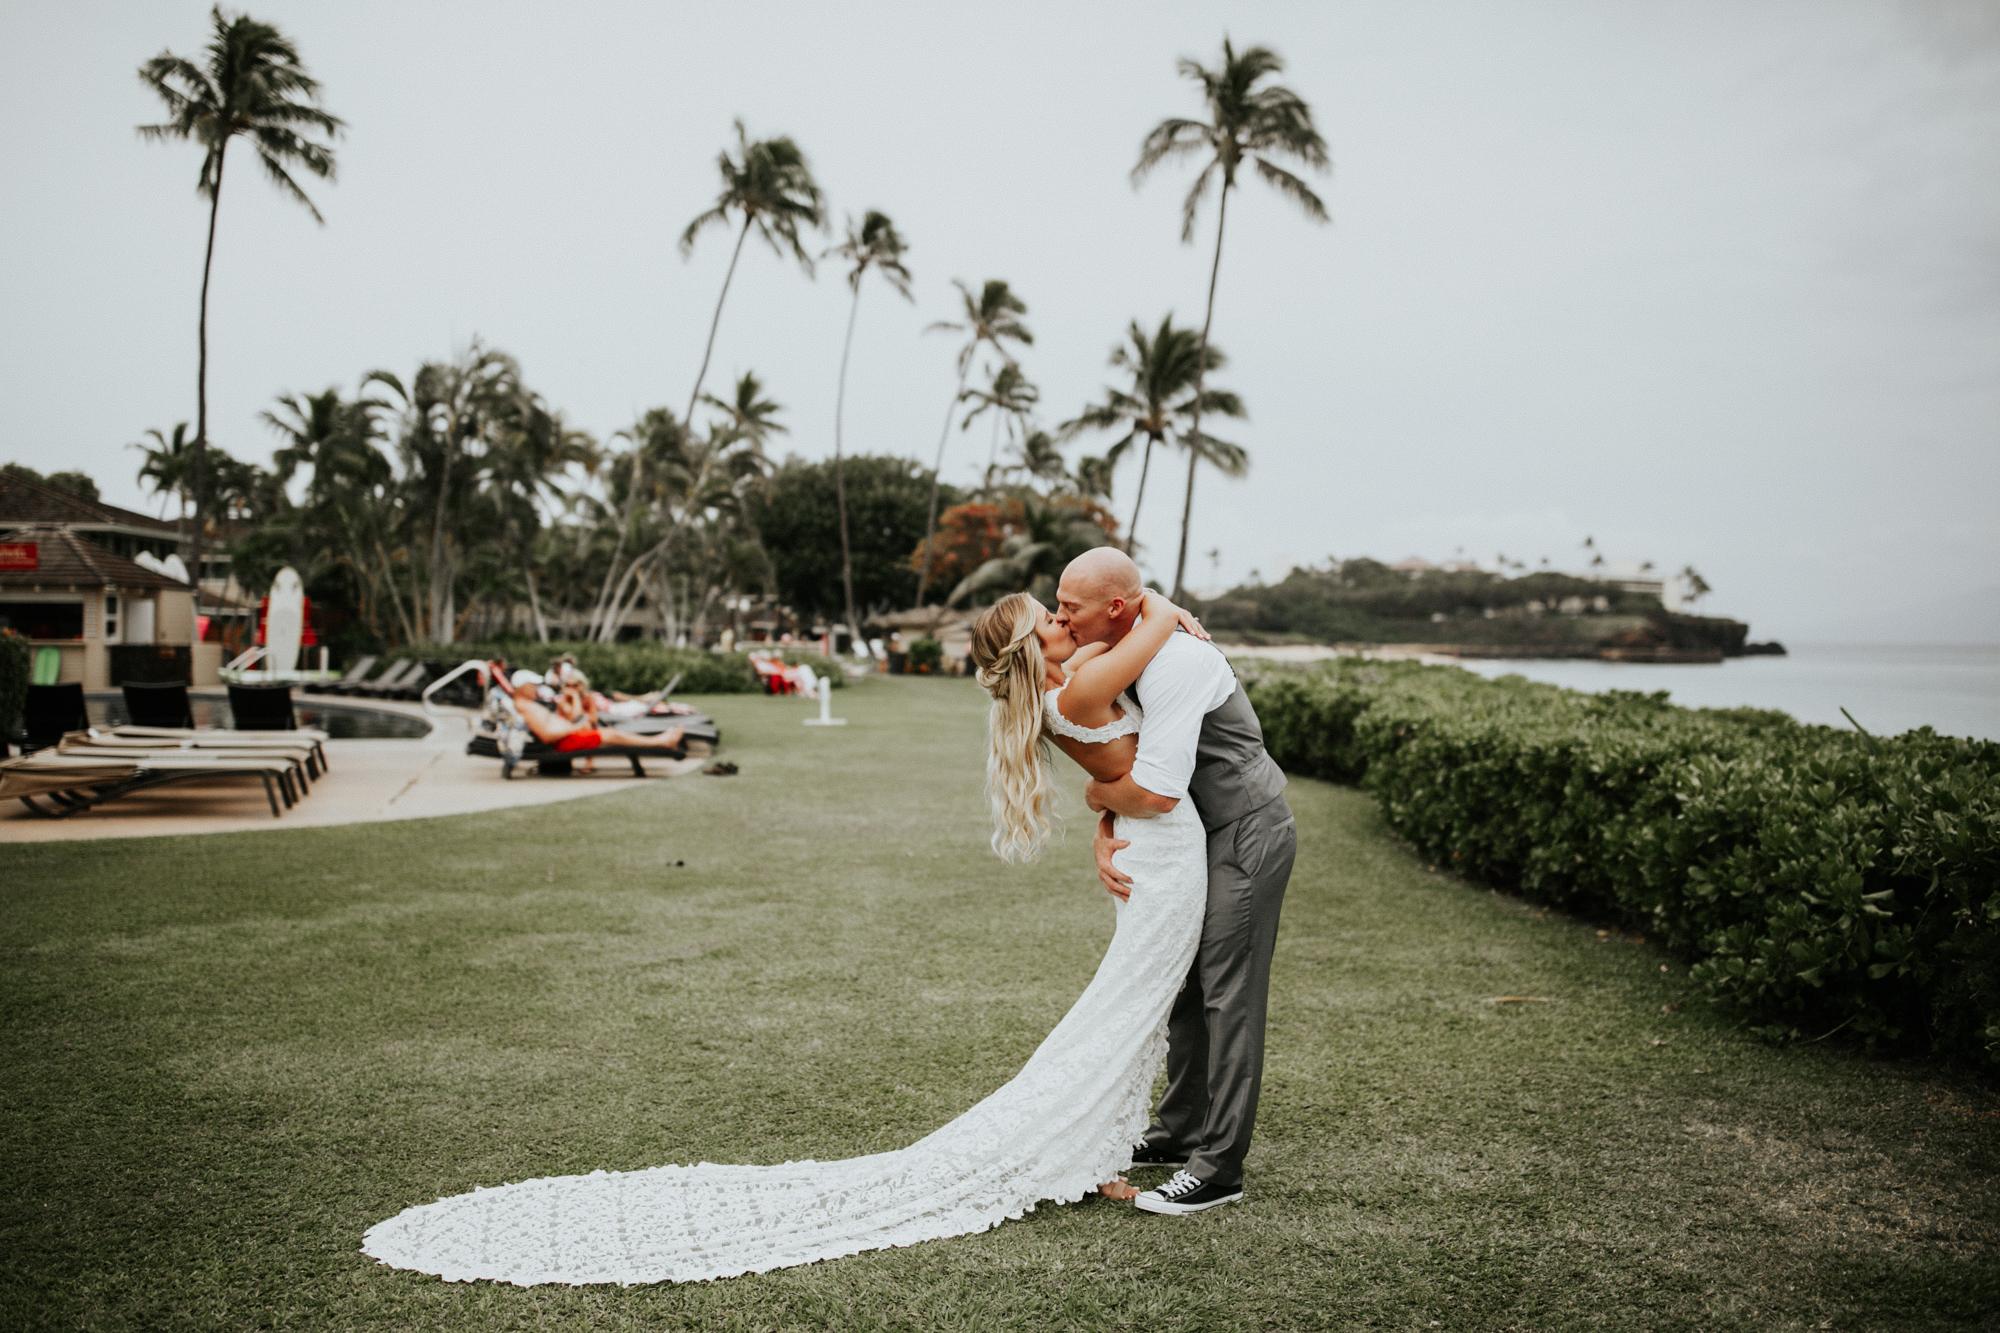 destination-wedding-photographer-hawaii-maui-elopement-43.jpg